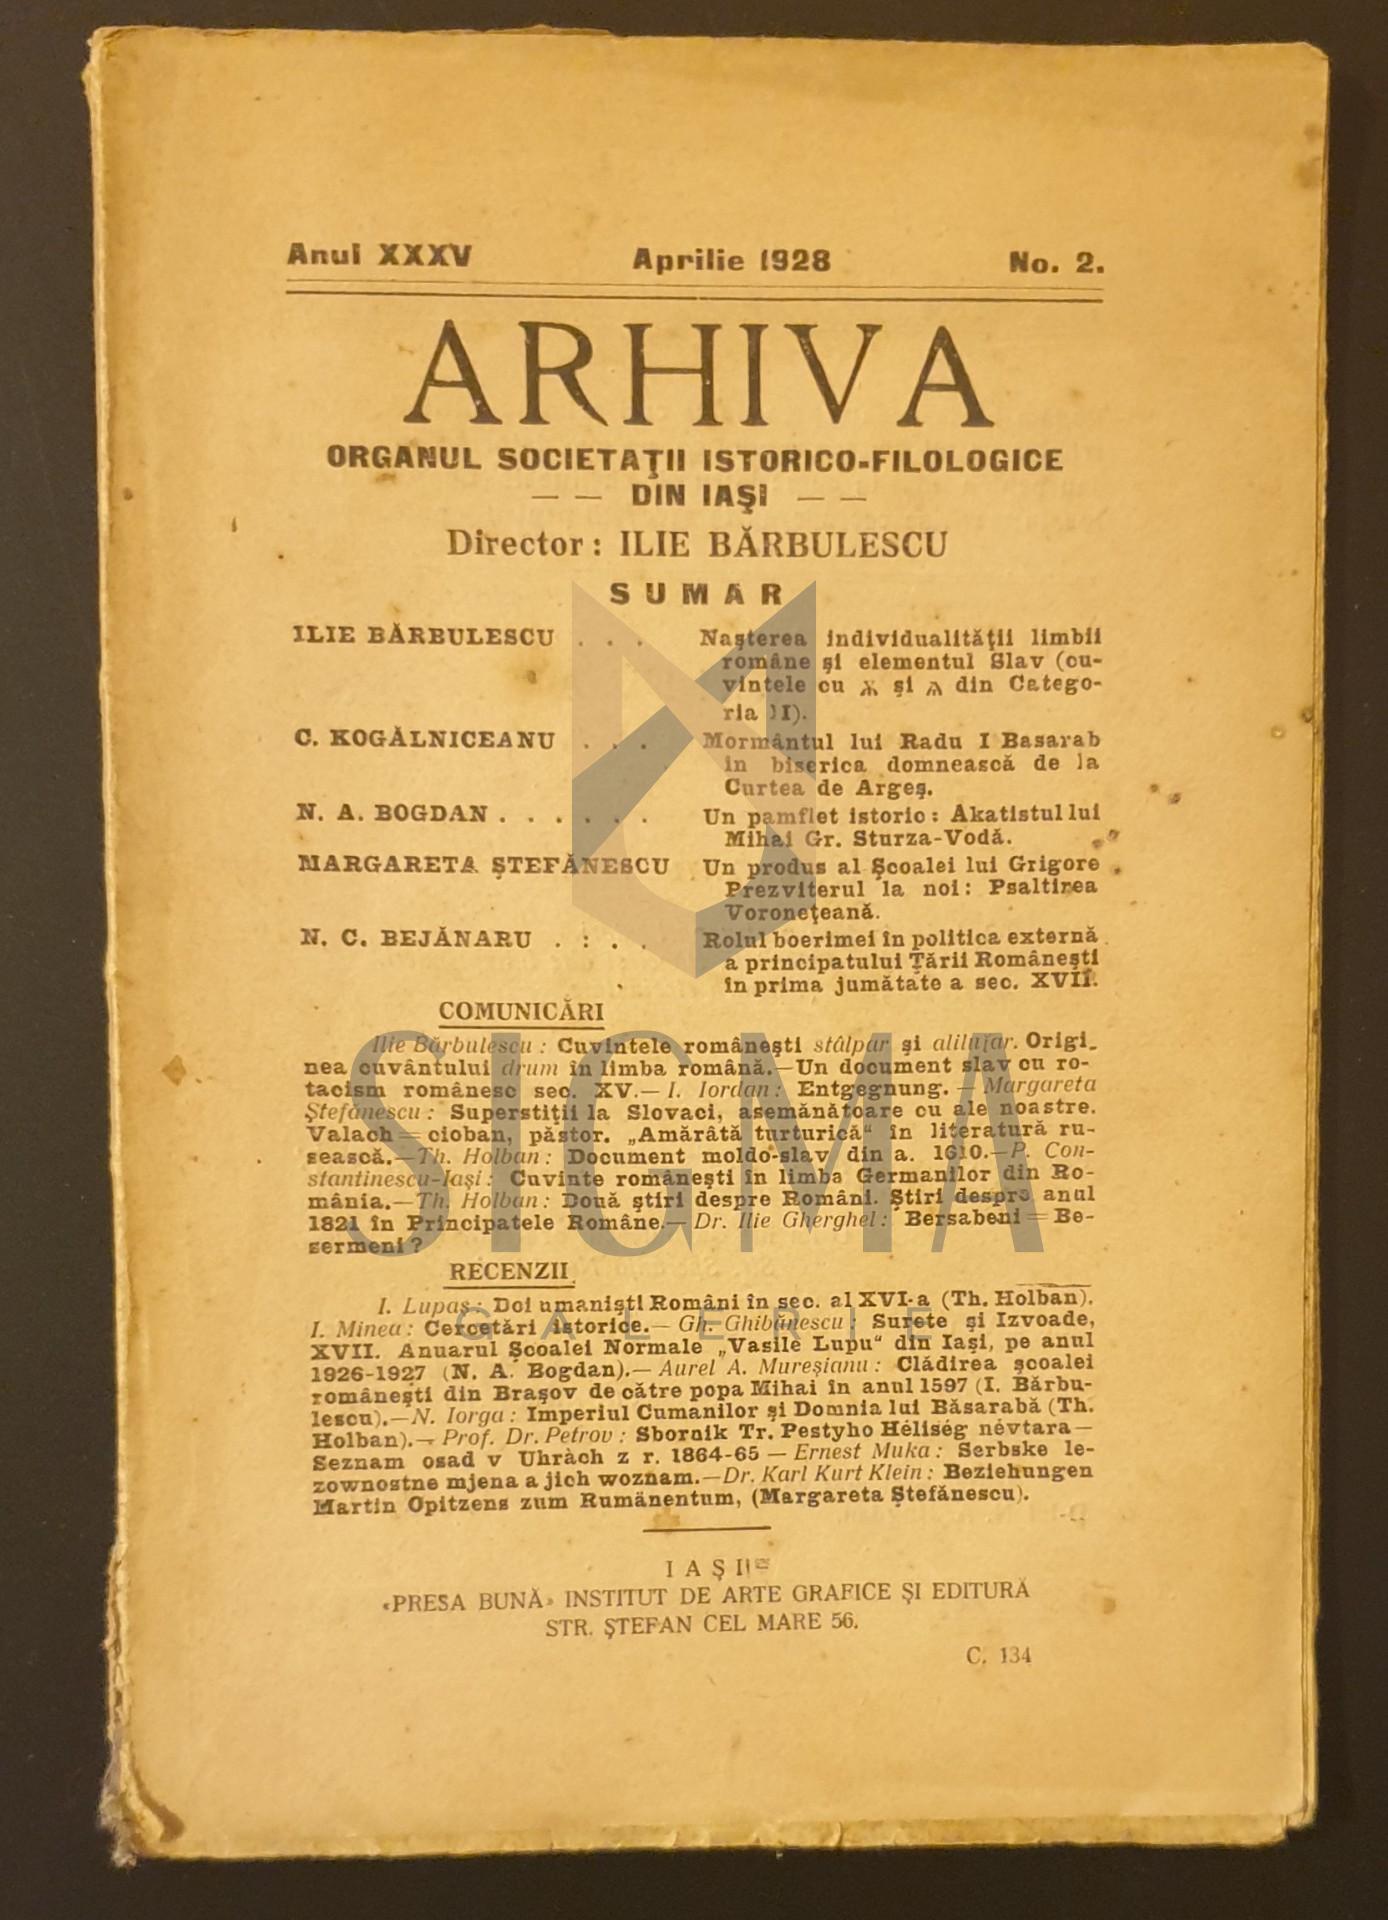 Arhiva organului societatii istorico-filozofice din Iasi